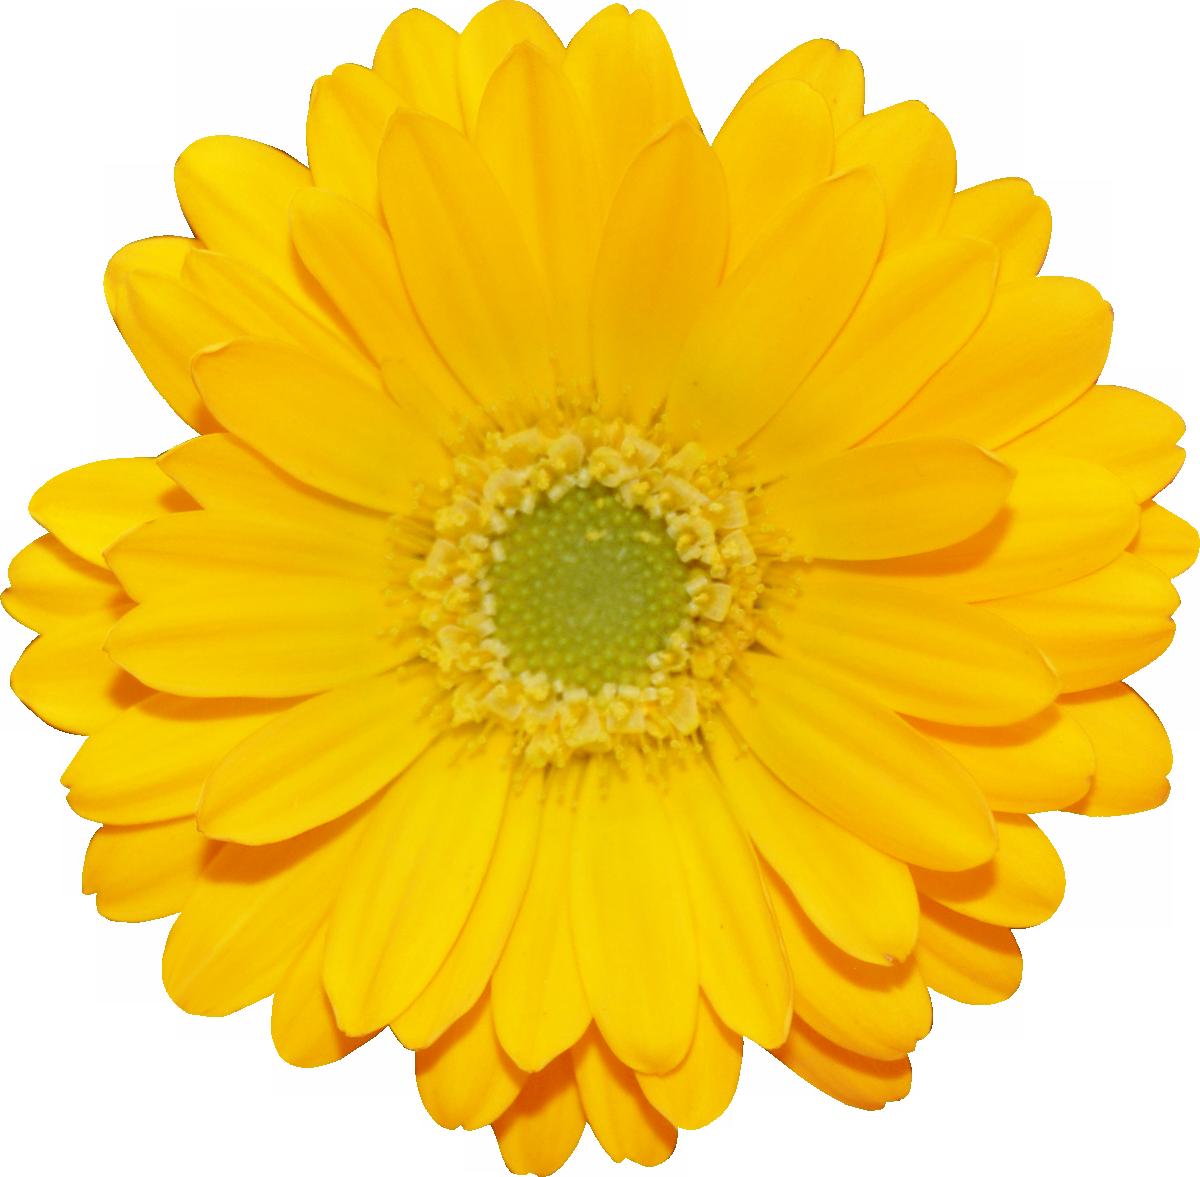 Png цветы желтые